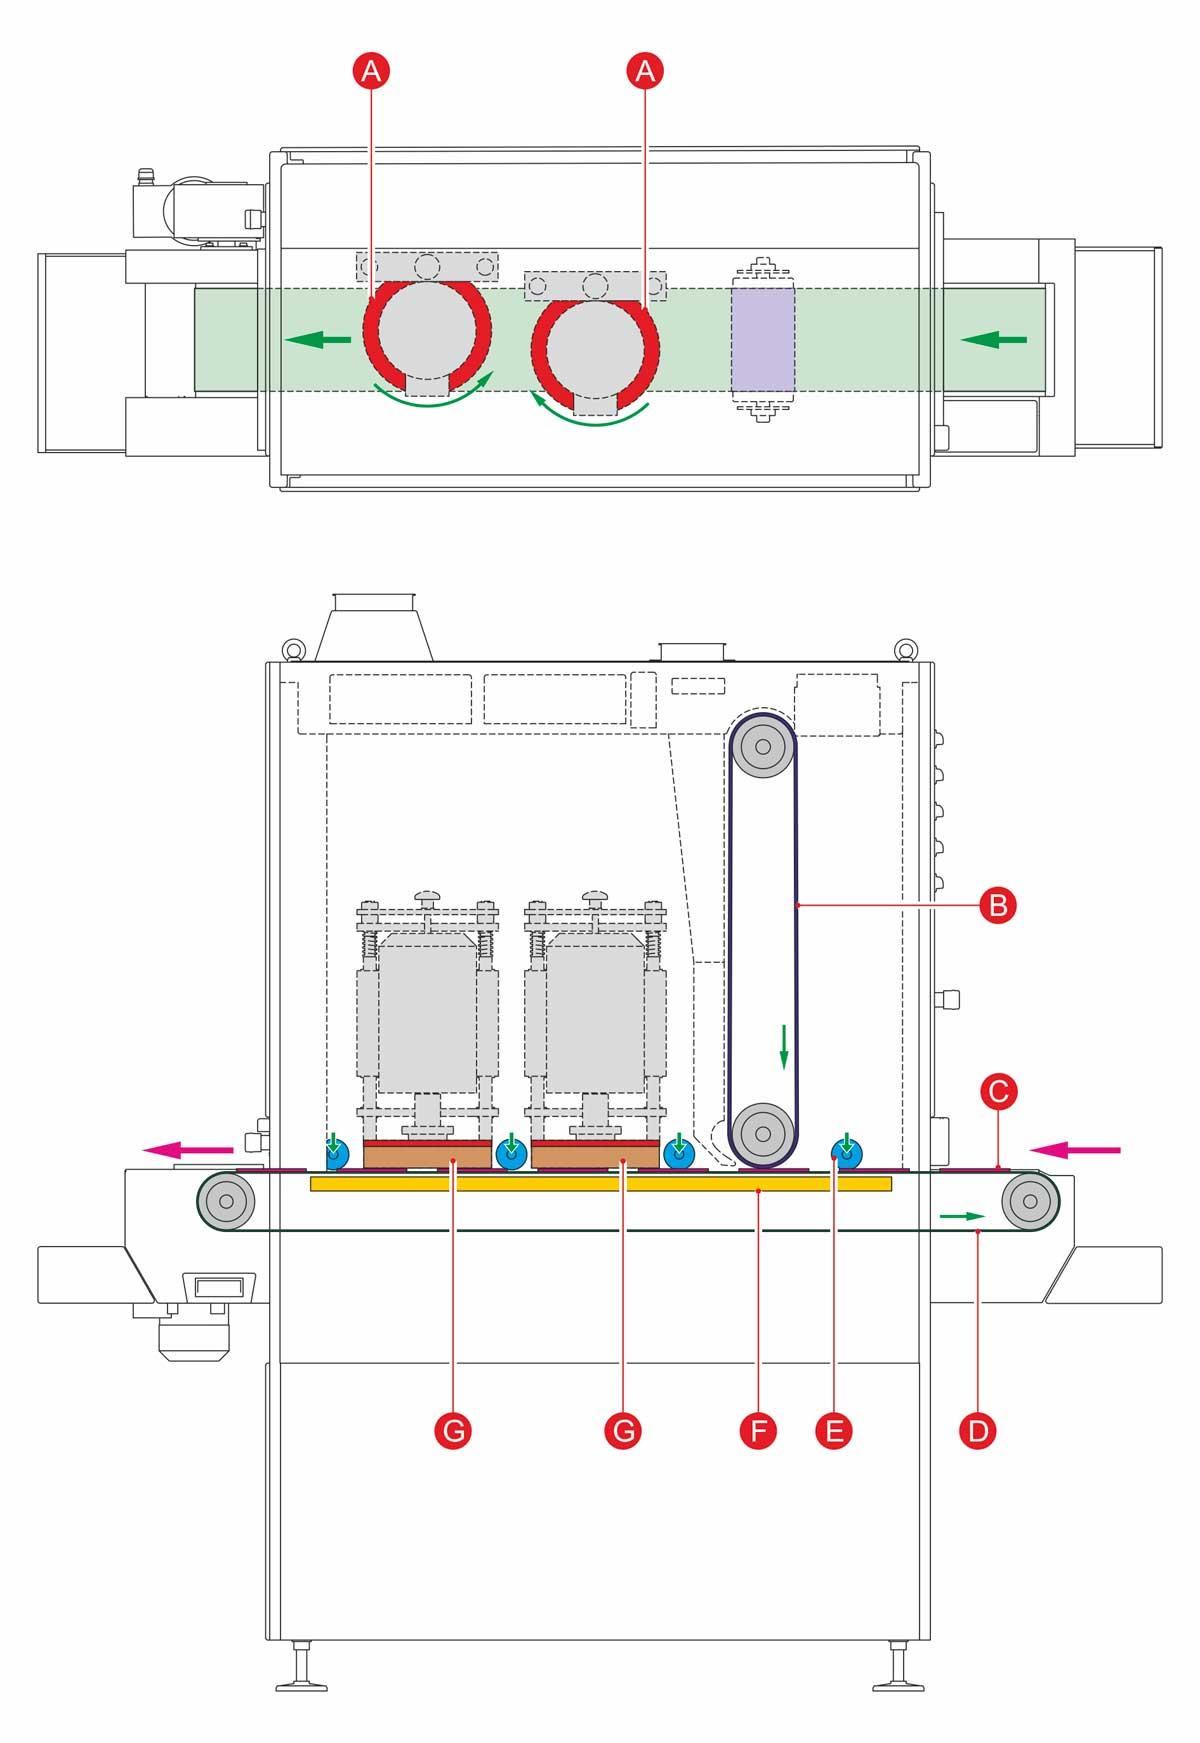 Q-Fin, Technische illustraties, Handleidingen, Technische documentatie, portfolio